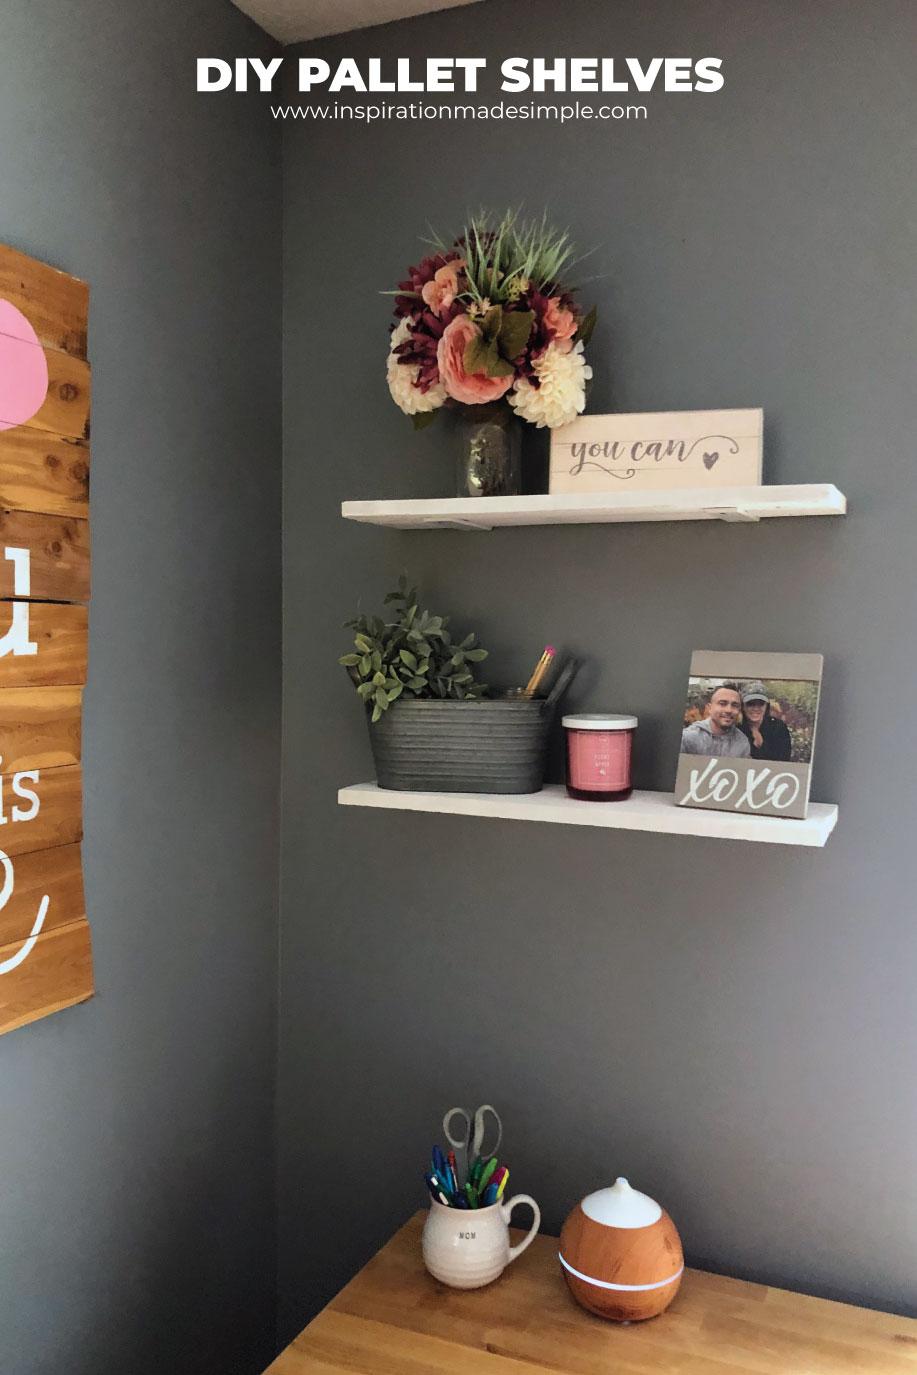 DIY Floating Pallet Shelves for under $16 for two!